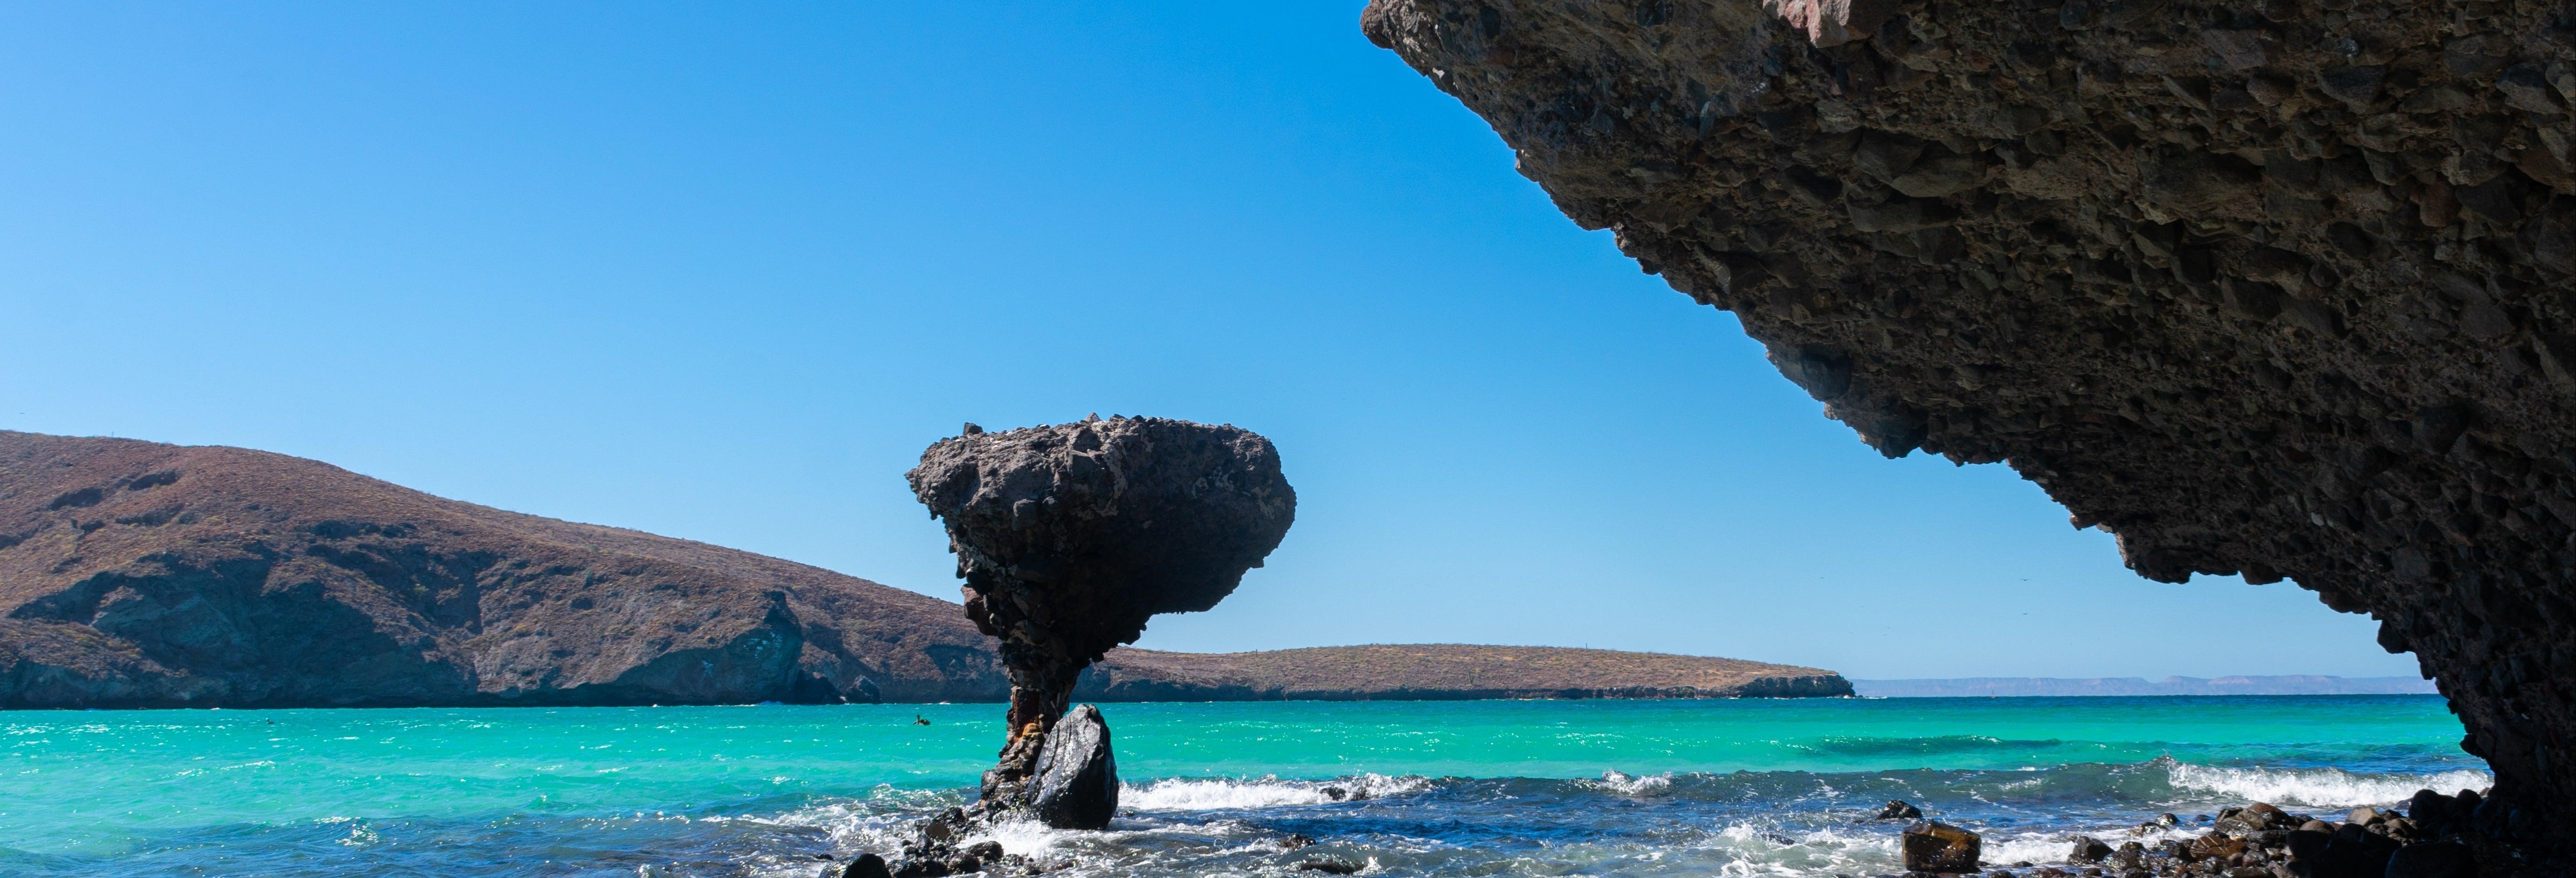 Excursión por La Paz y playa Balandra desde La Paz